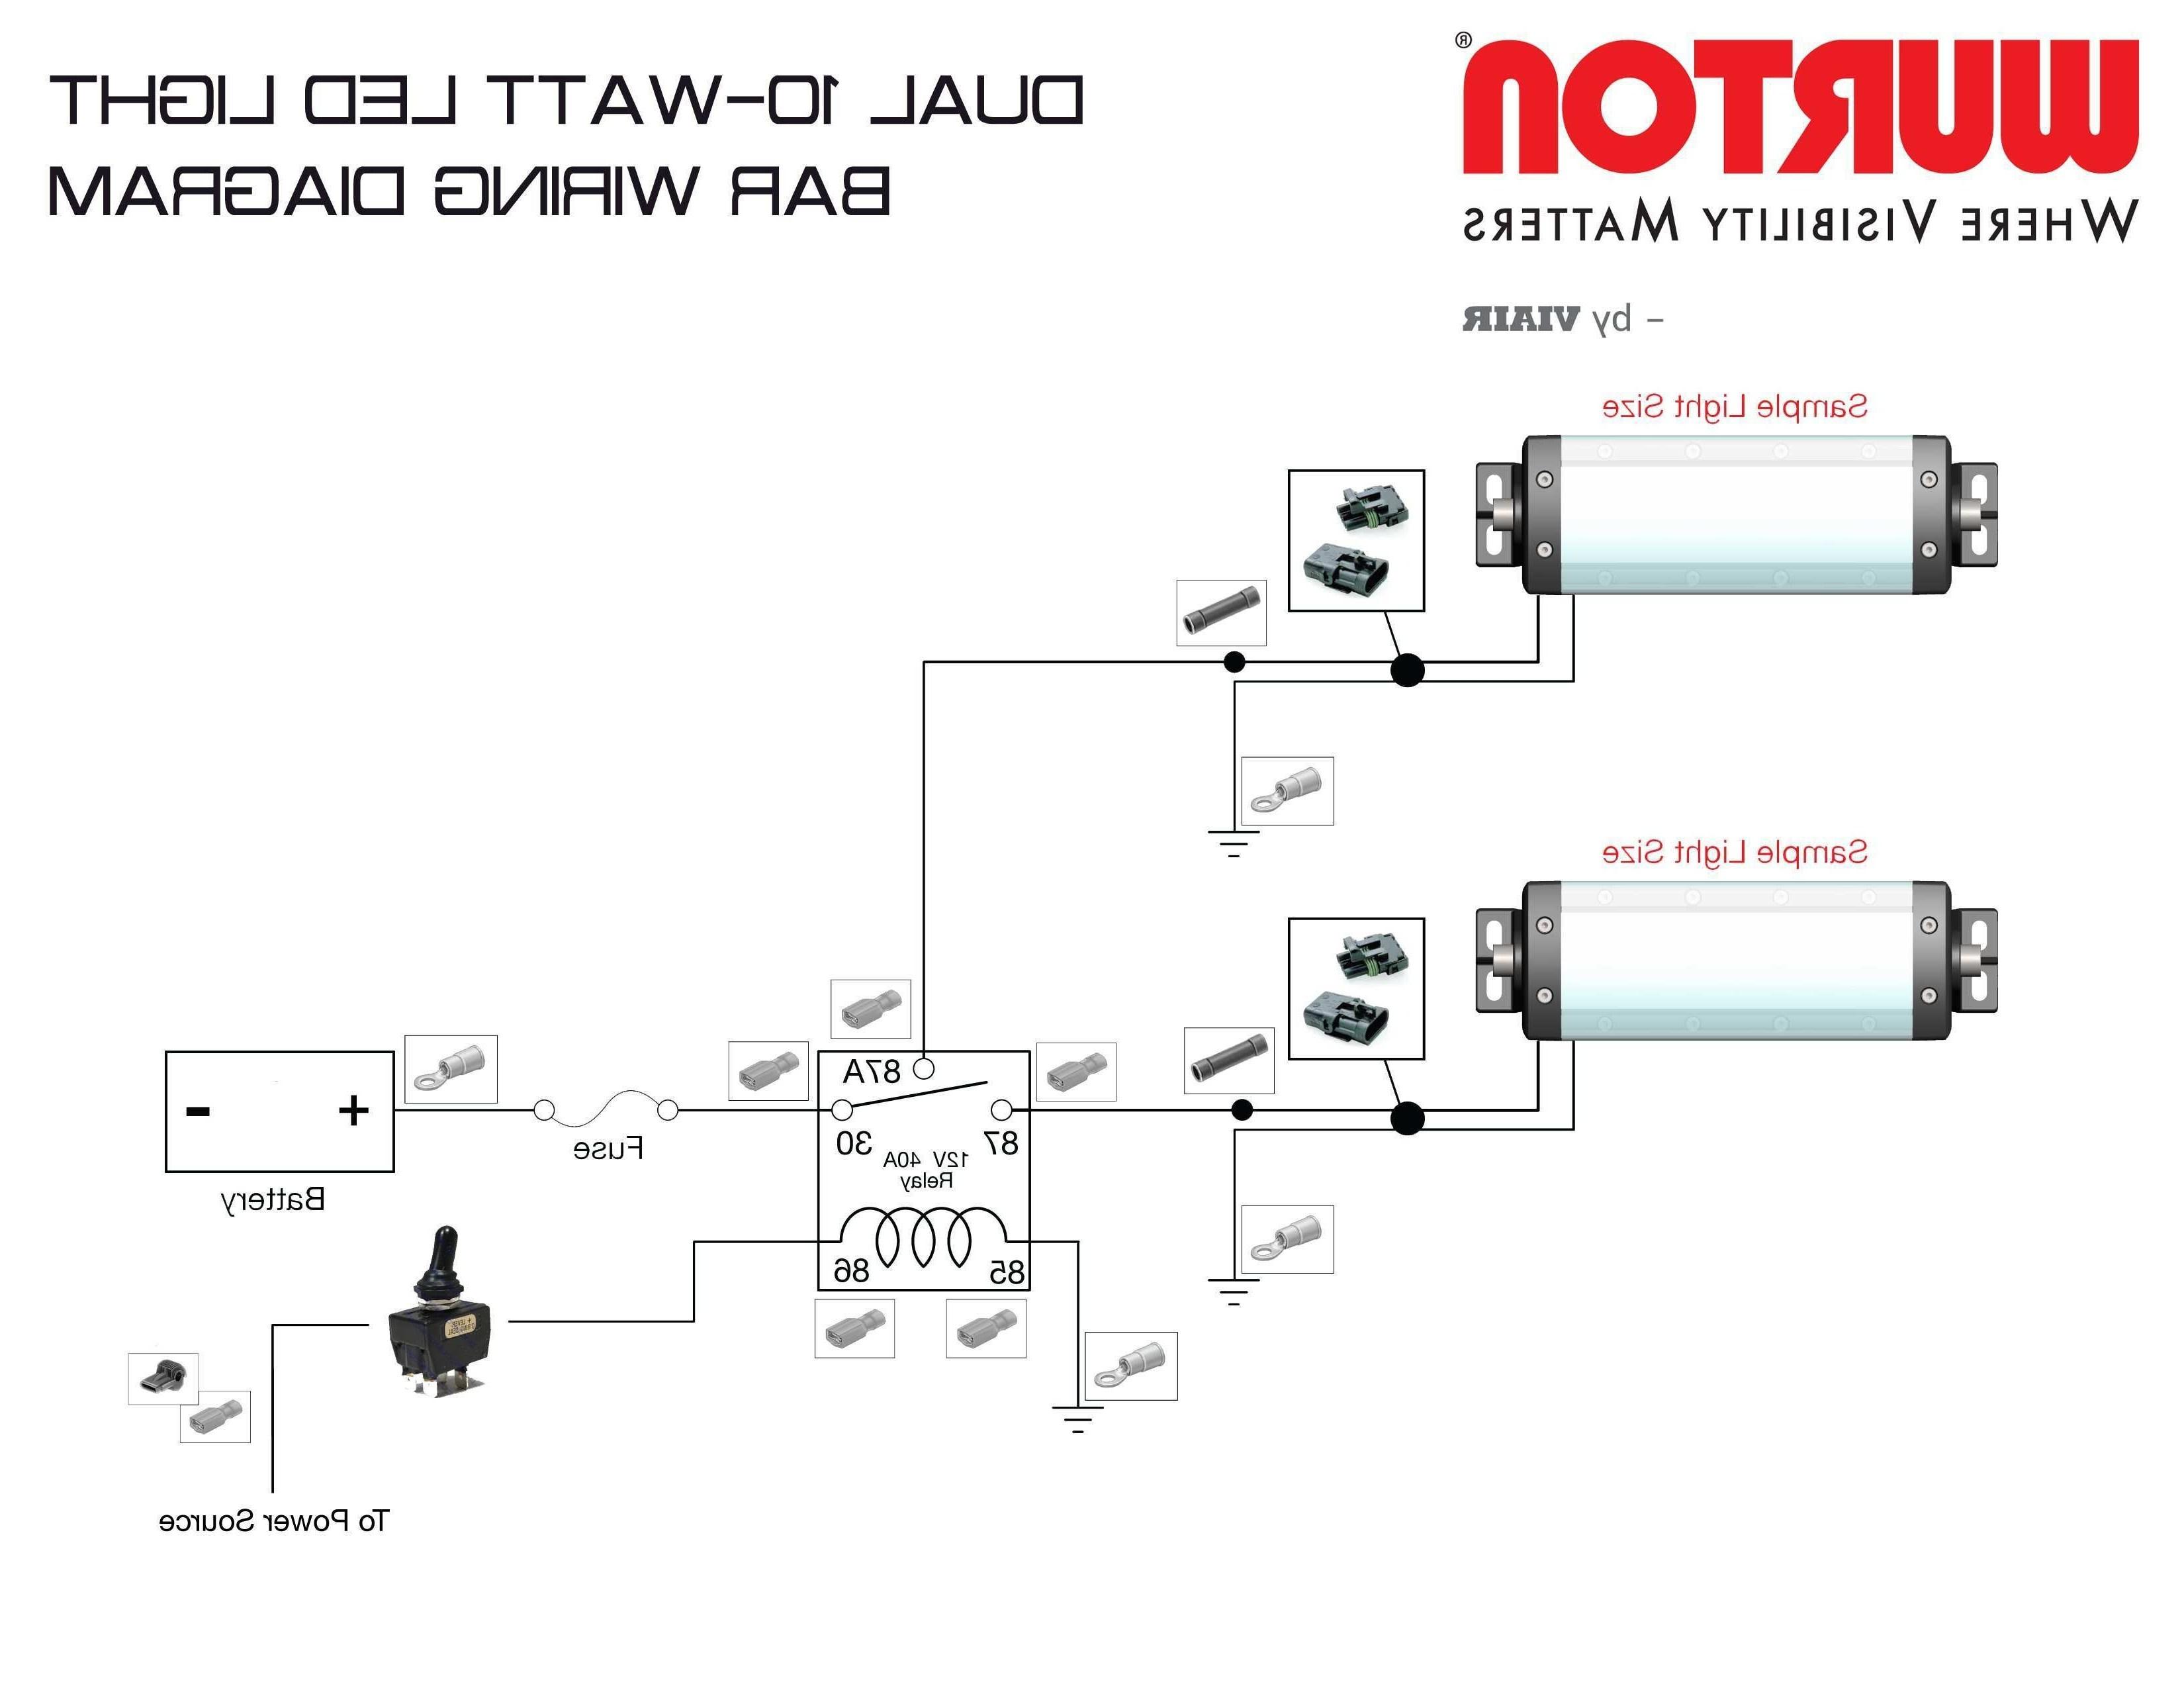 Led Brake Light Wiring Diagram from i0.wp.com